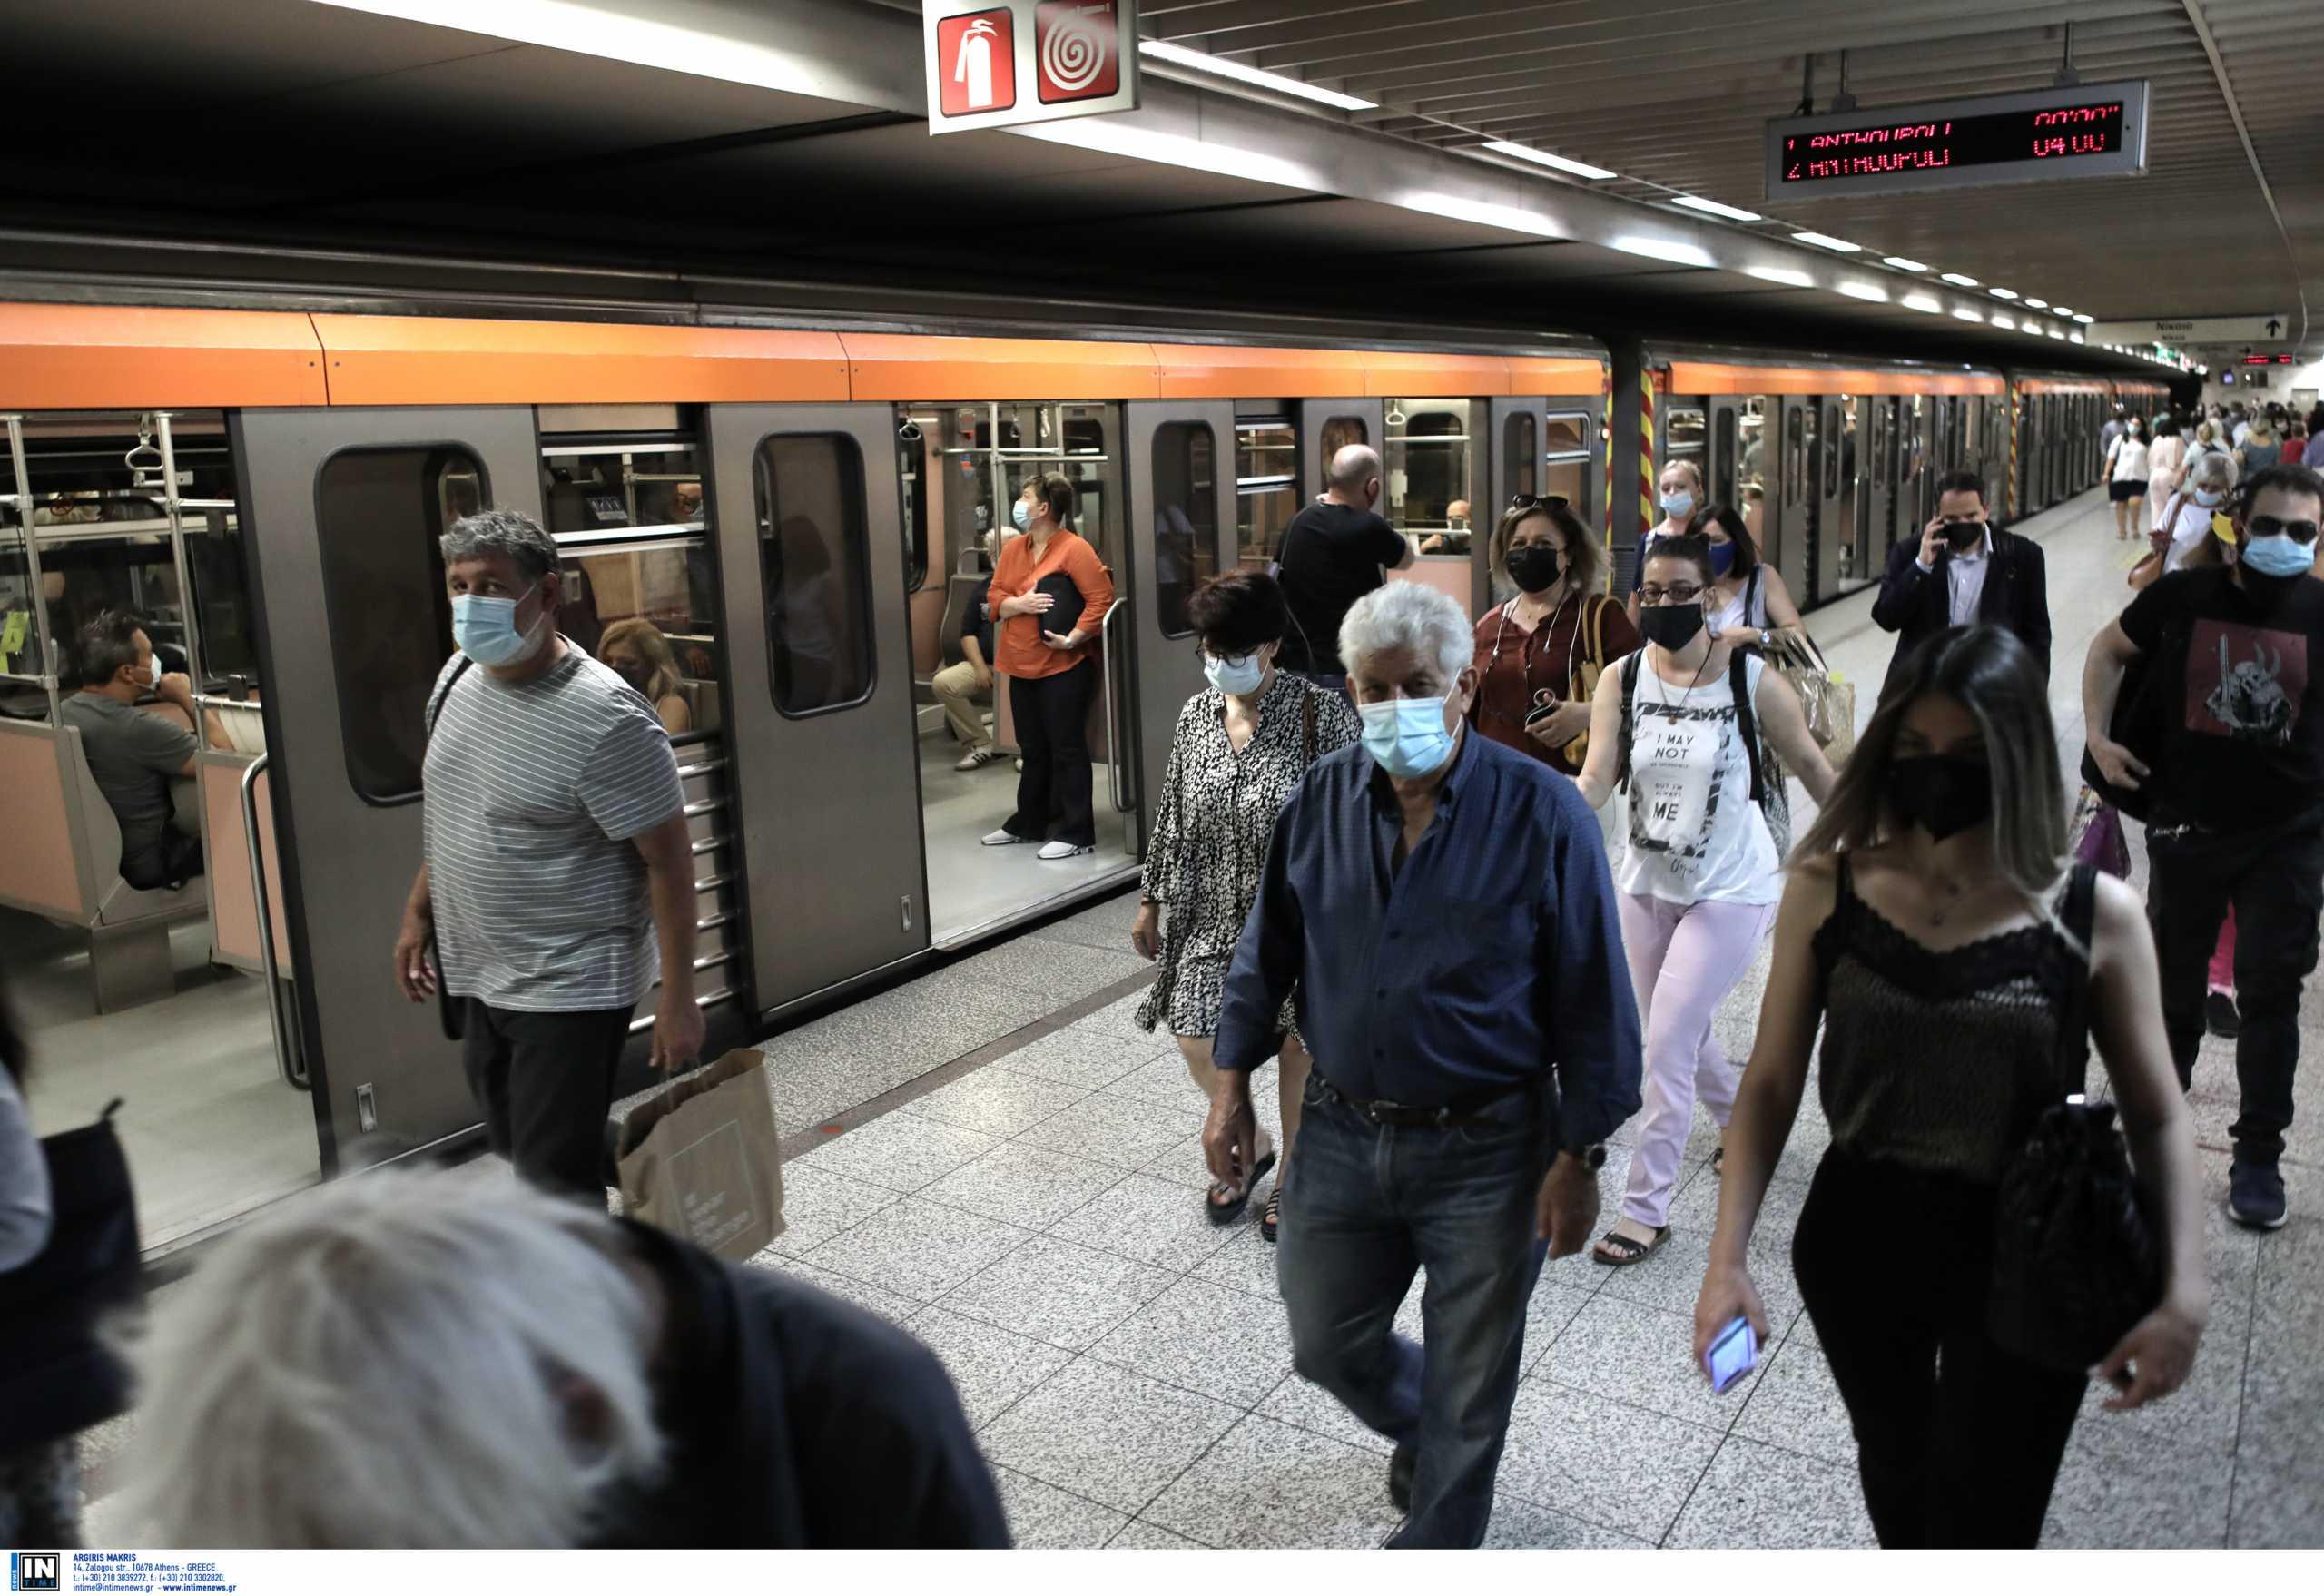 Κορονοϊός: Έρχονται συσκευές απολύμανσης του αέρα σε Μετρό και λεωφορεία – Αποτελεσματικές κατά 93%